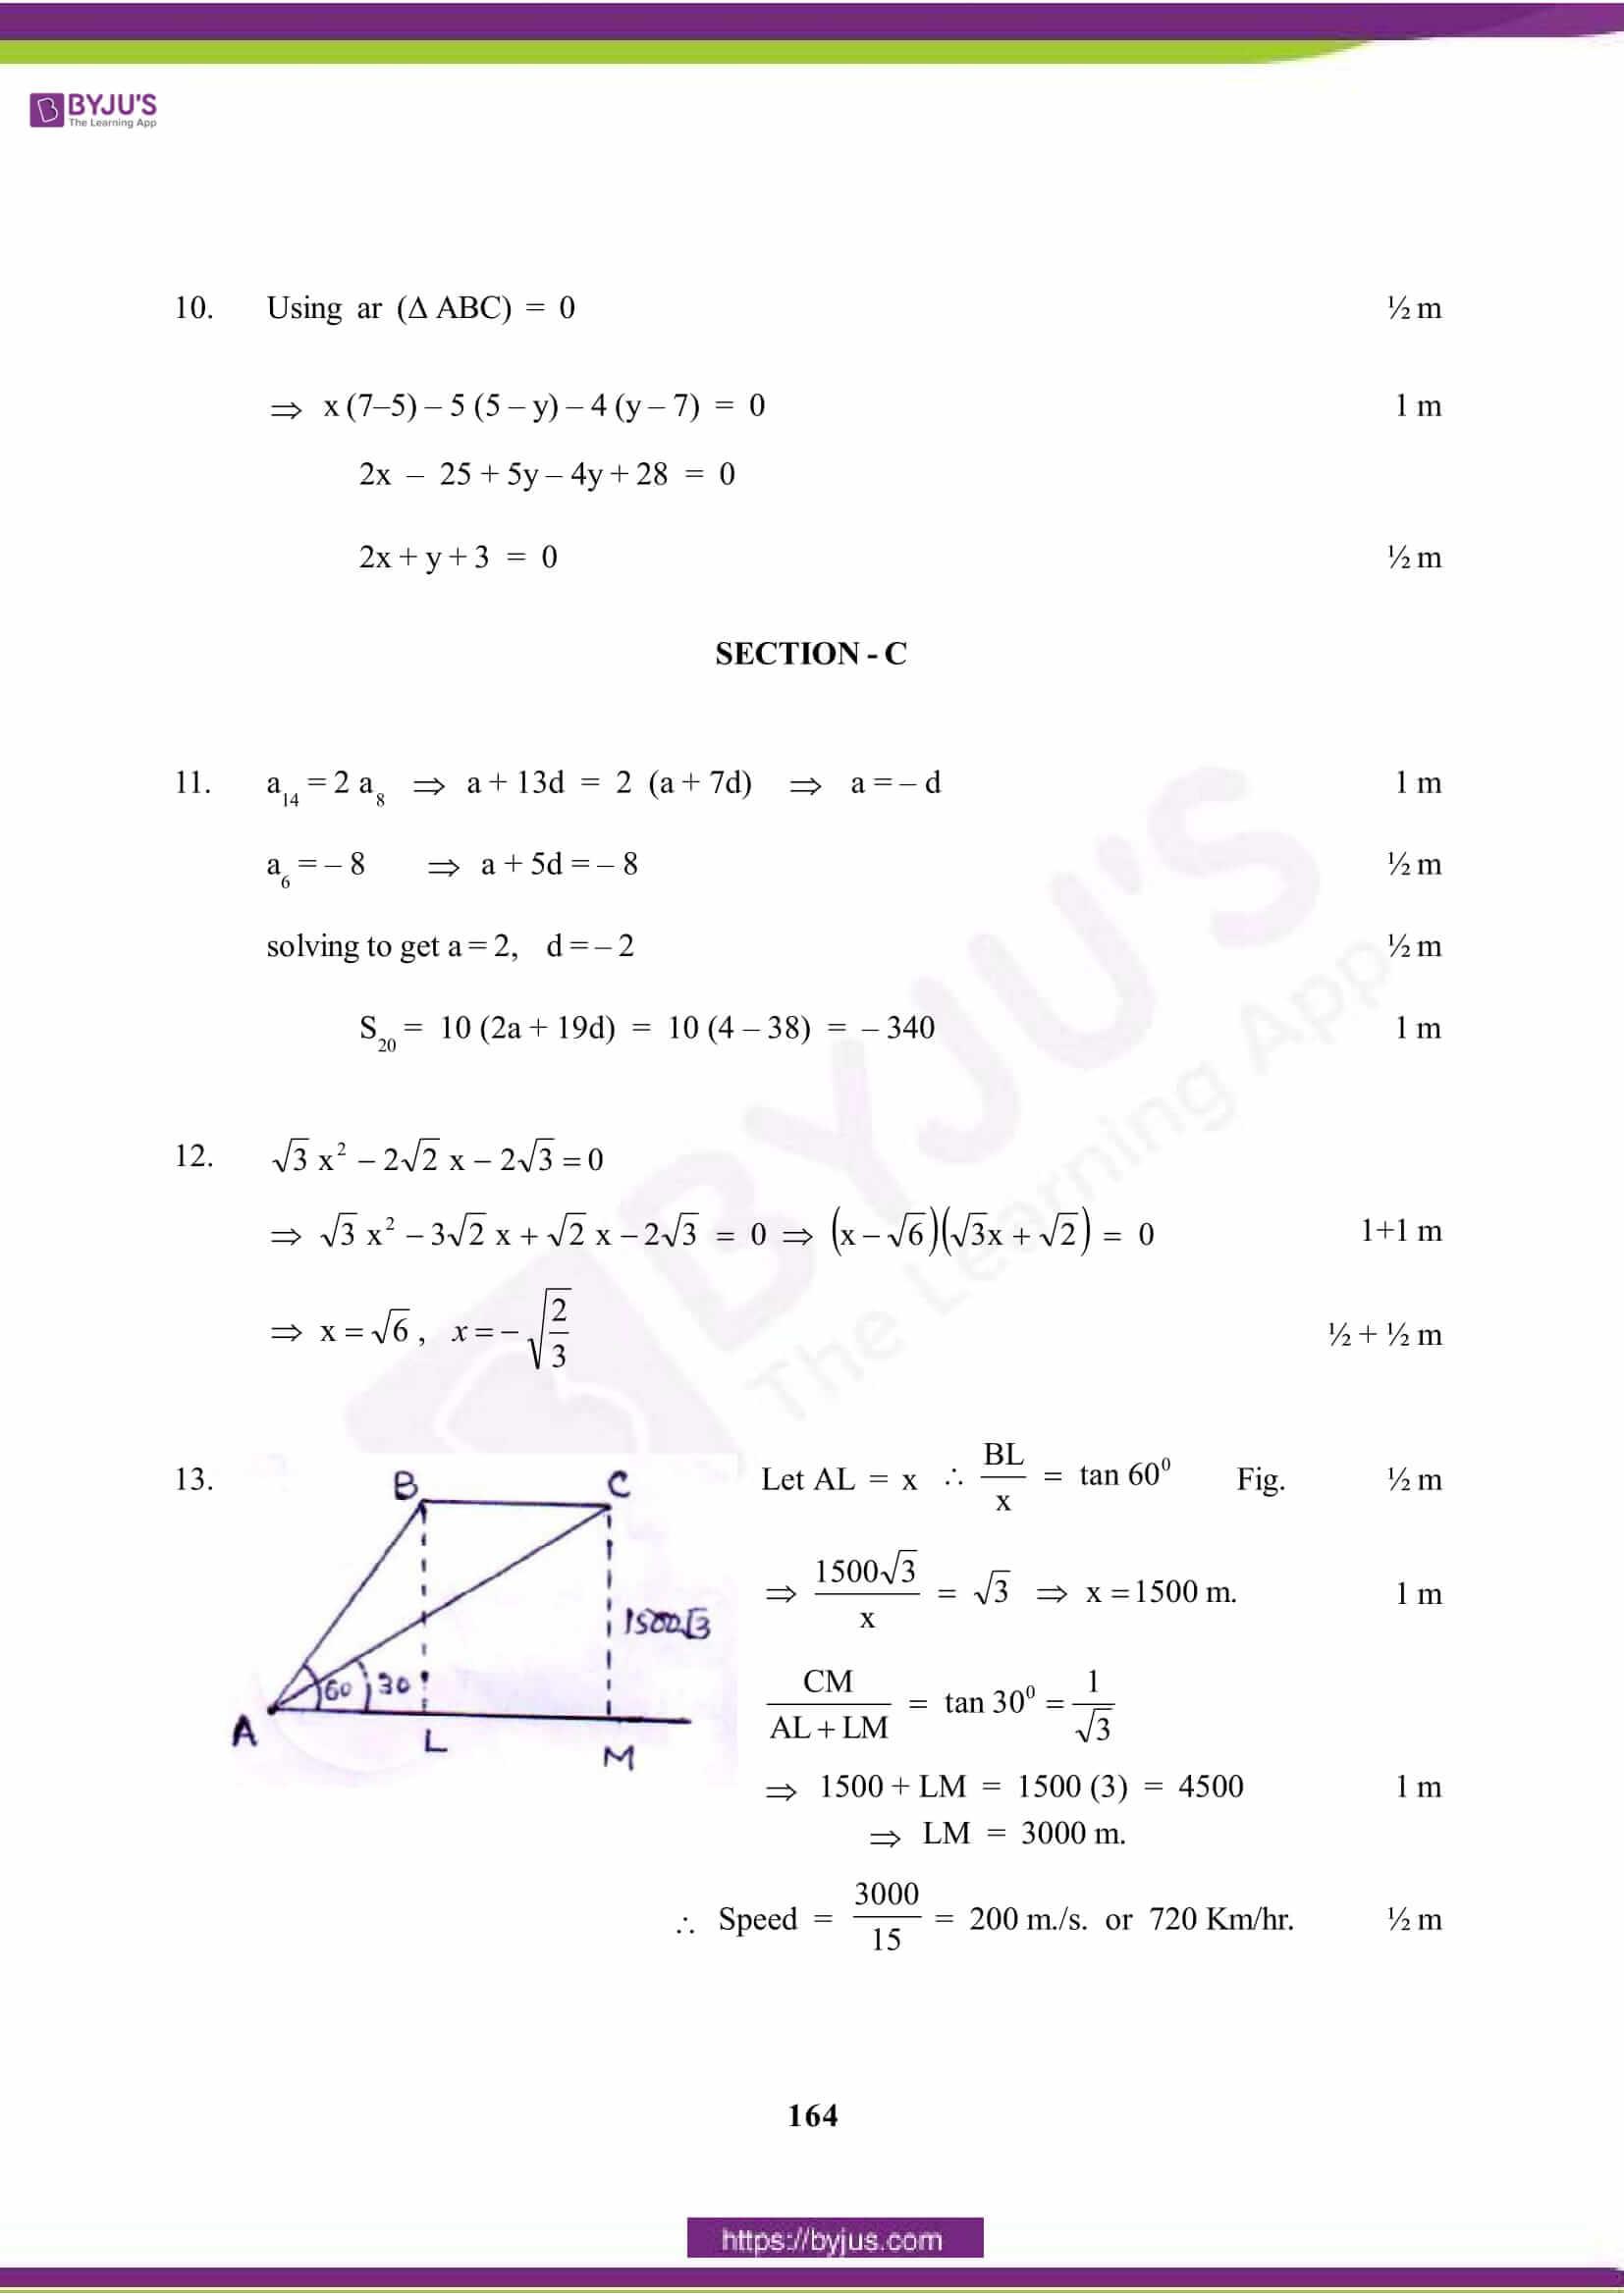 CBSE Class 10 Maths Solution PDF 2015 Set 1 3